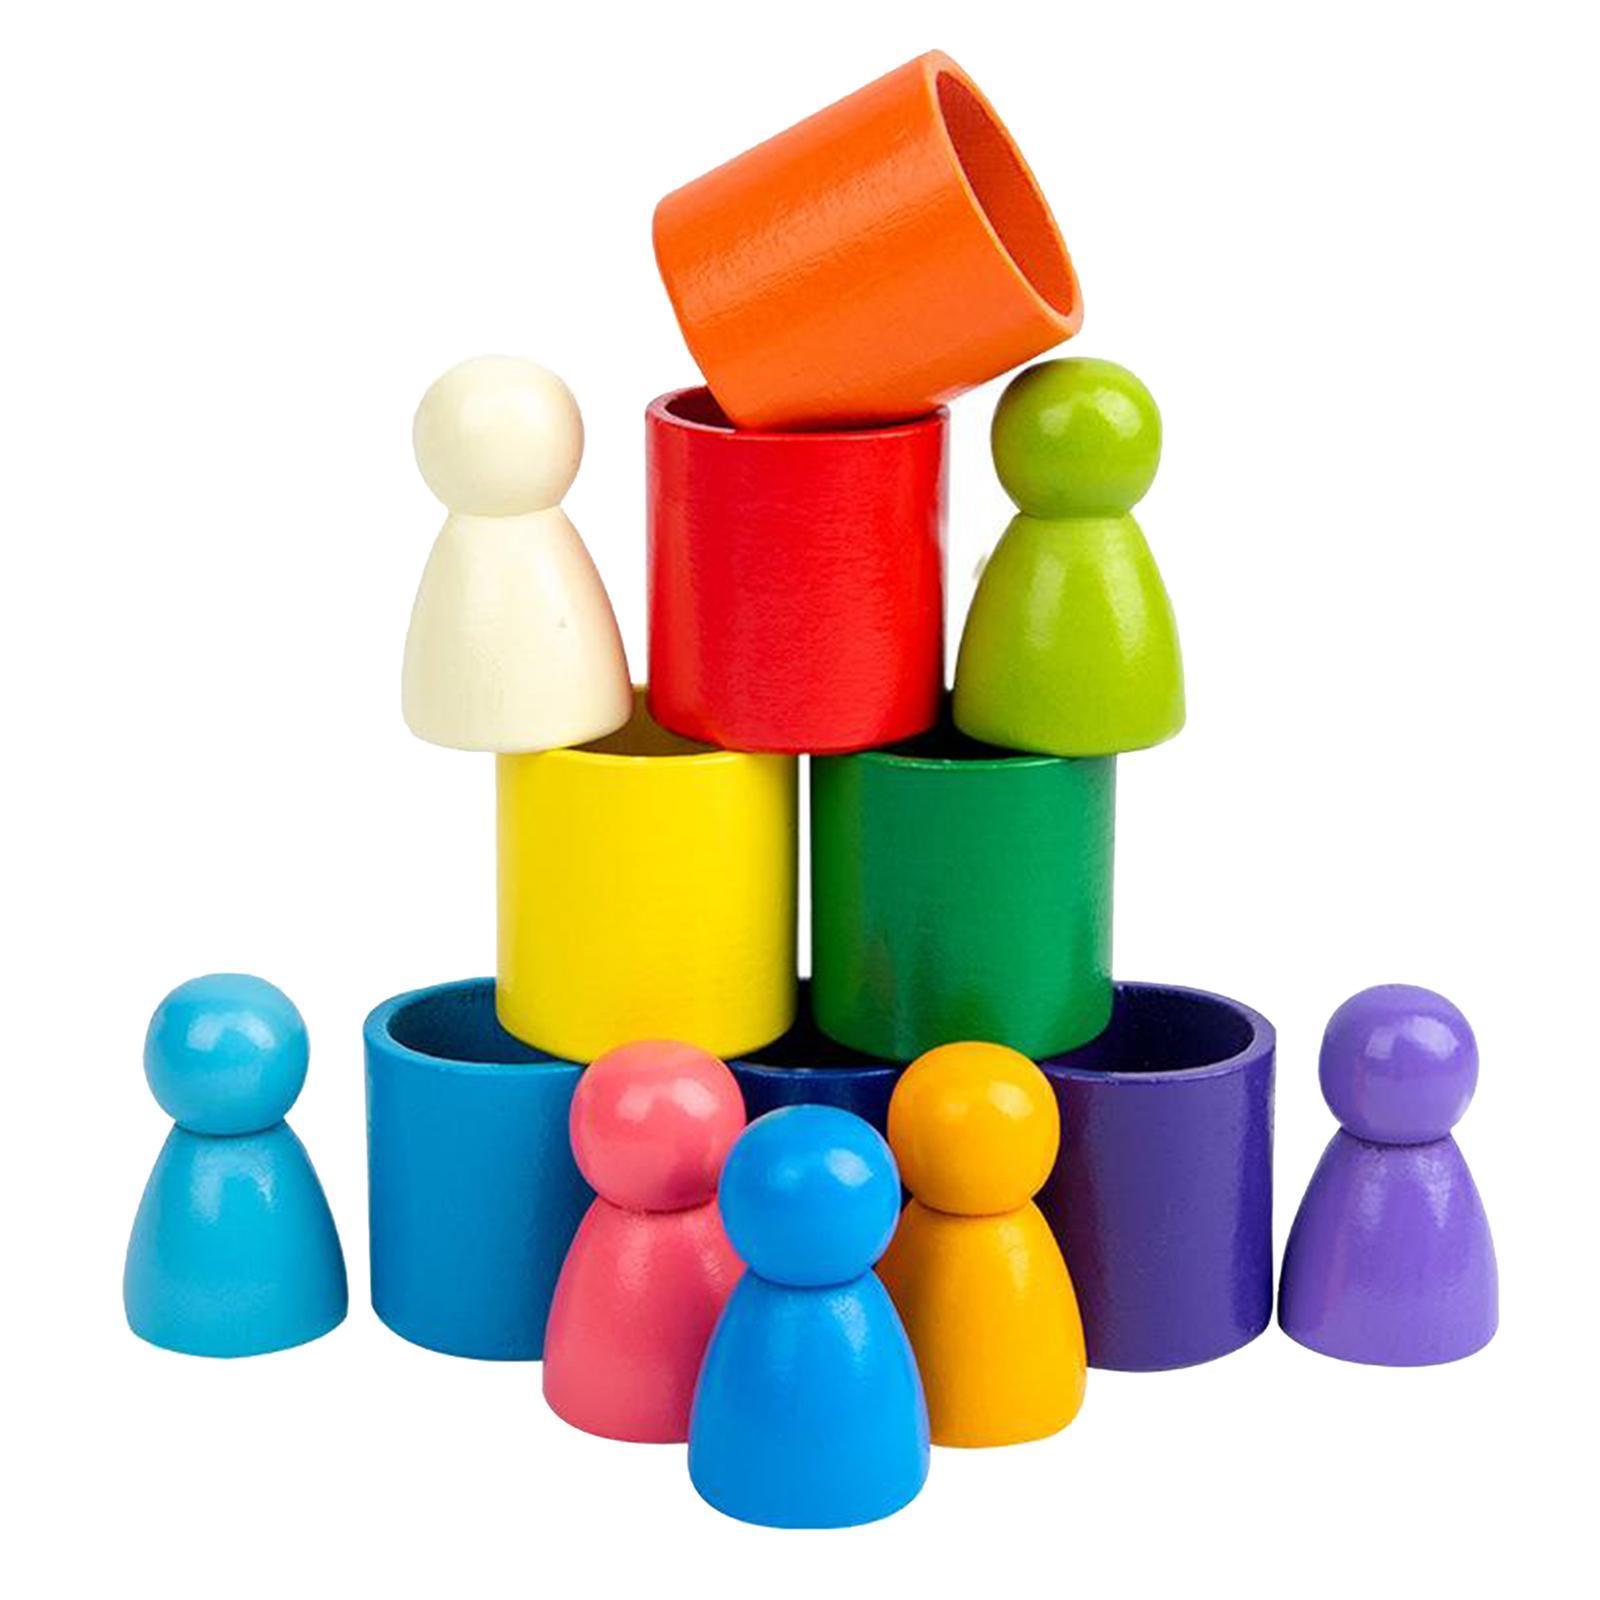 Blocchi-di-costruzione-giocattoli-per-bambini-in-legno-blocchi-di-nidificazione miniatura 9